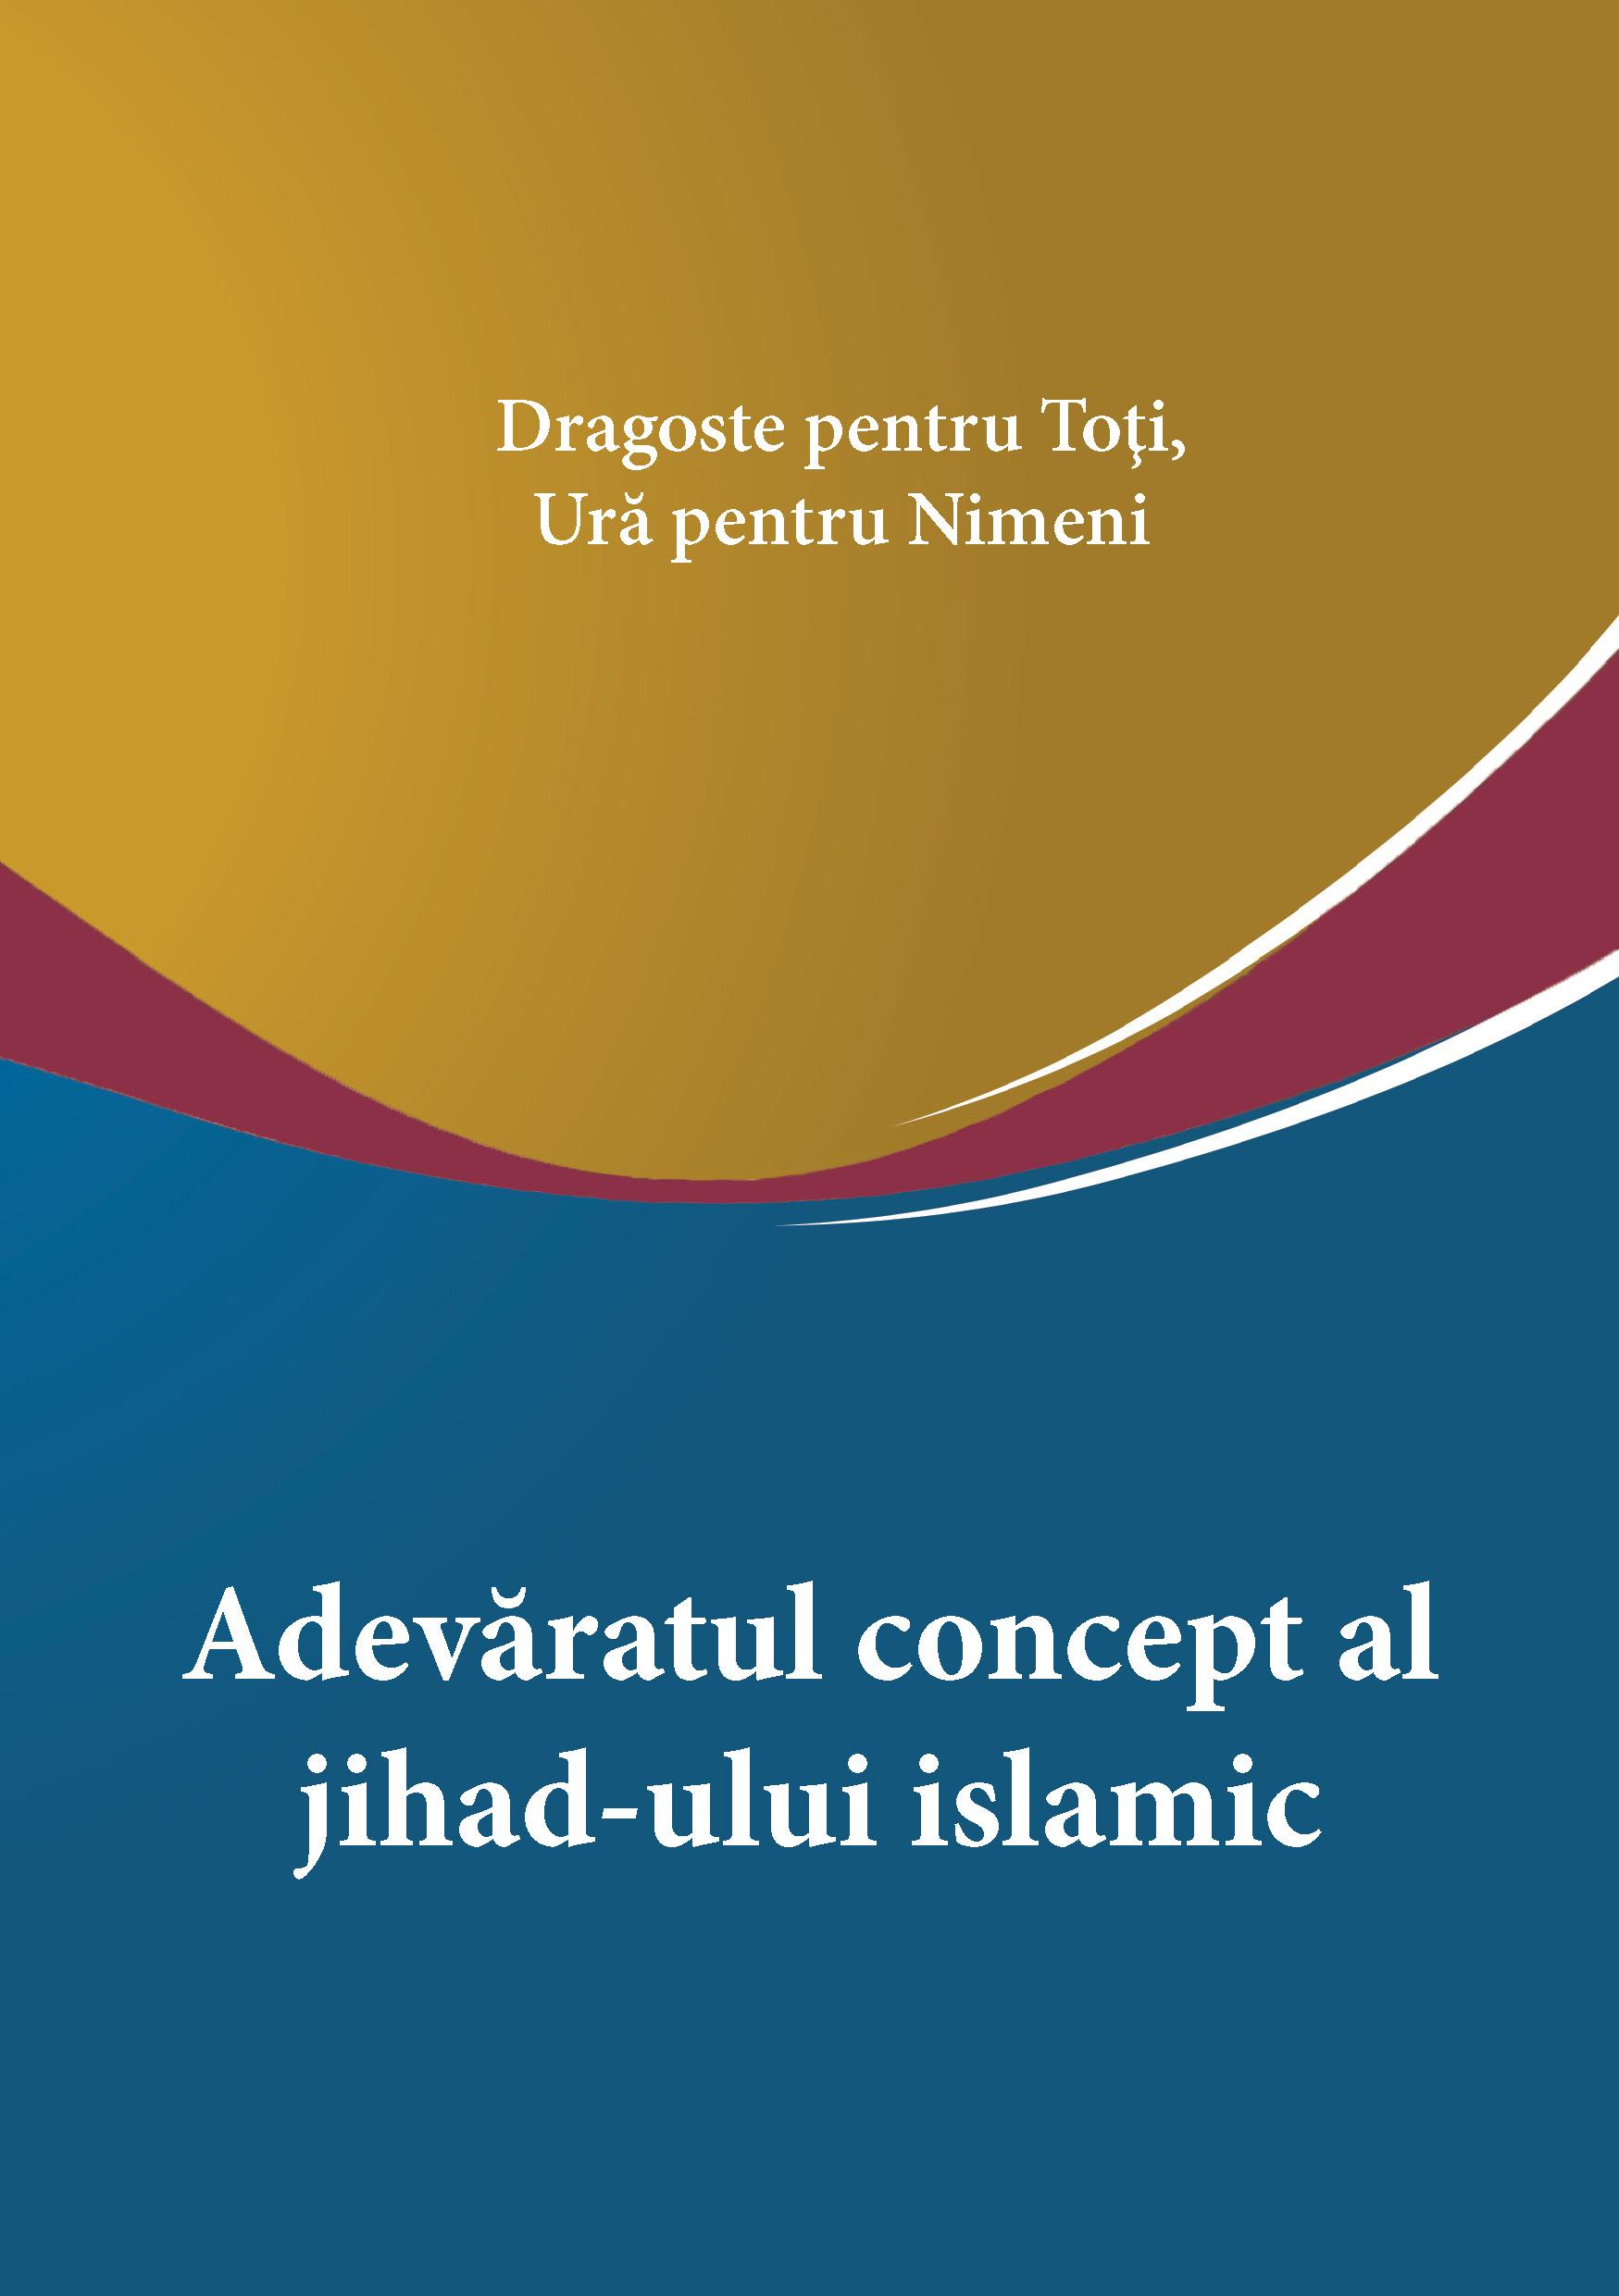 Adevaratul concept al jihad-ului islamic